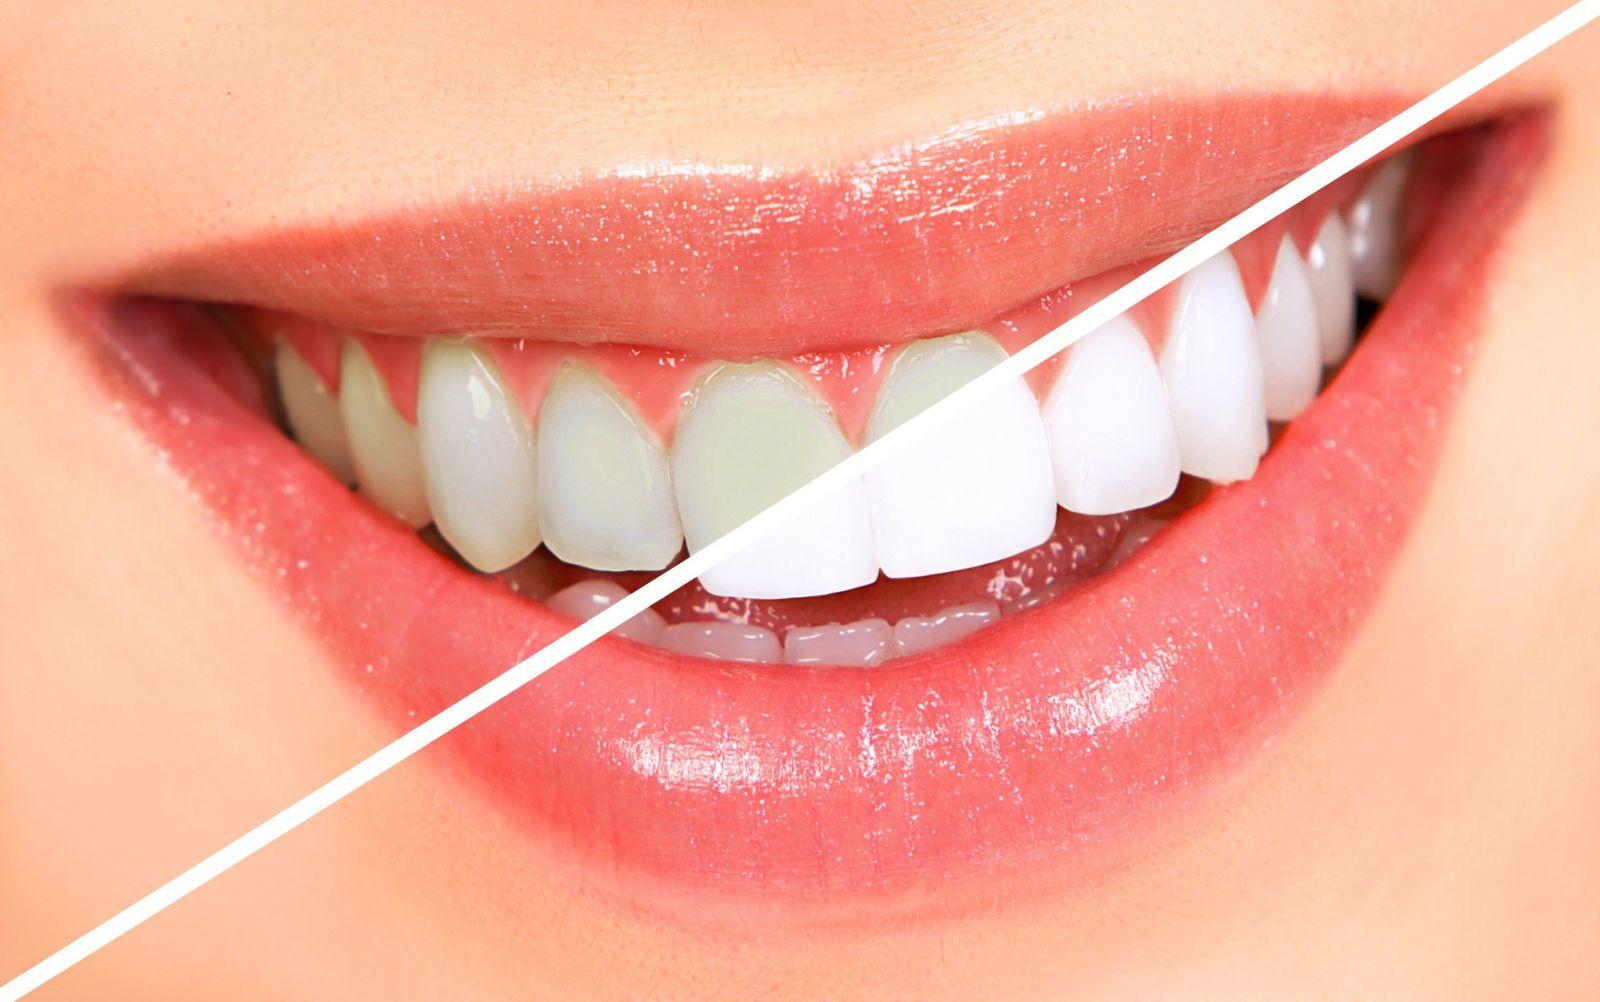 cạo vôi răng, Cạo vôi răng có đau không, cạo vôi răng có đau ko, cạo vôi răng có đau không webtretho, cạo vôi răng có đau, cạo vôi răng có chảy máu không, quy trình, niềng răng mắc cài, kim loại,